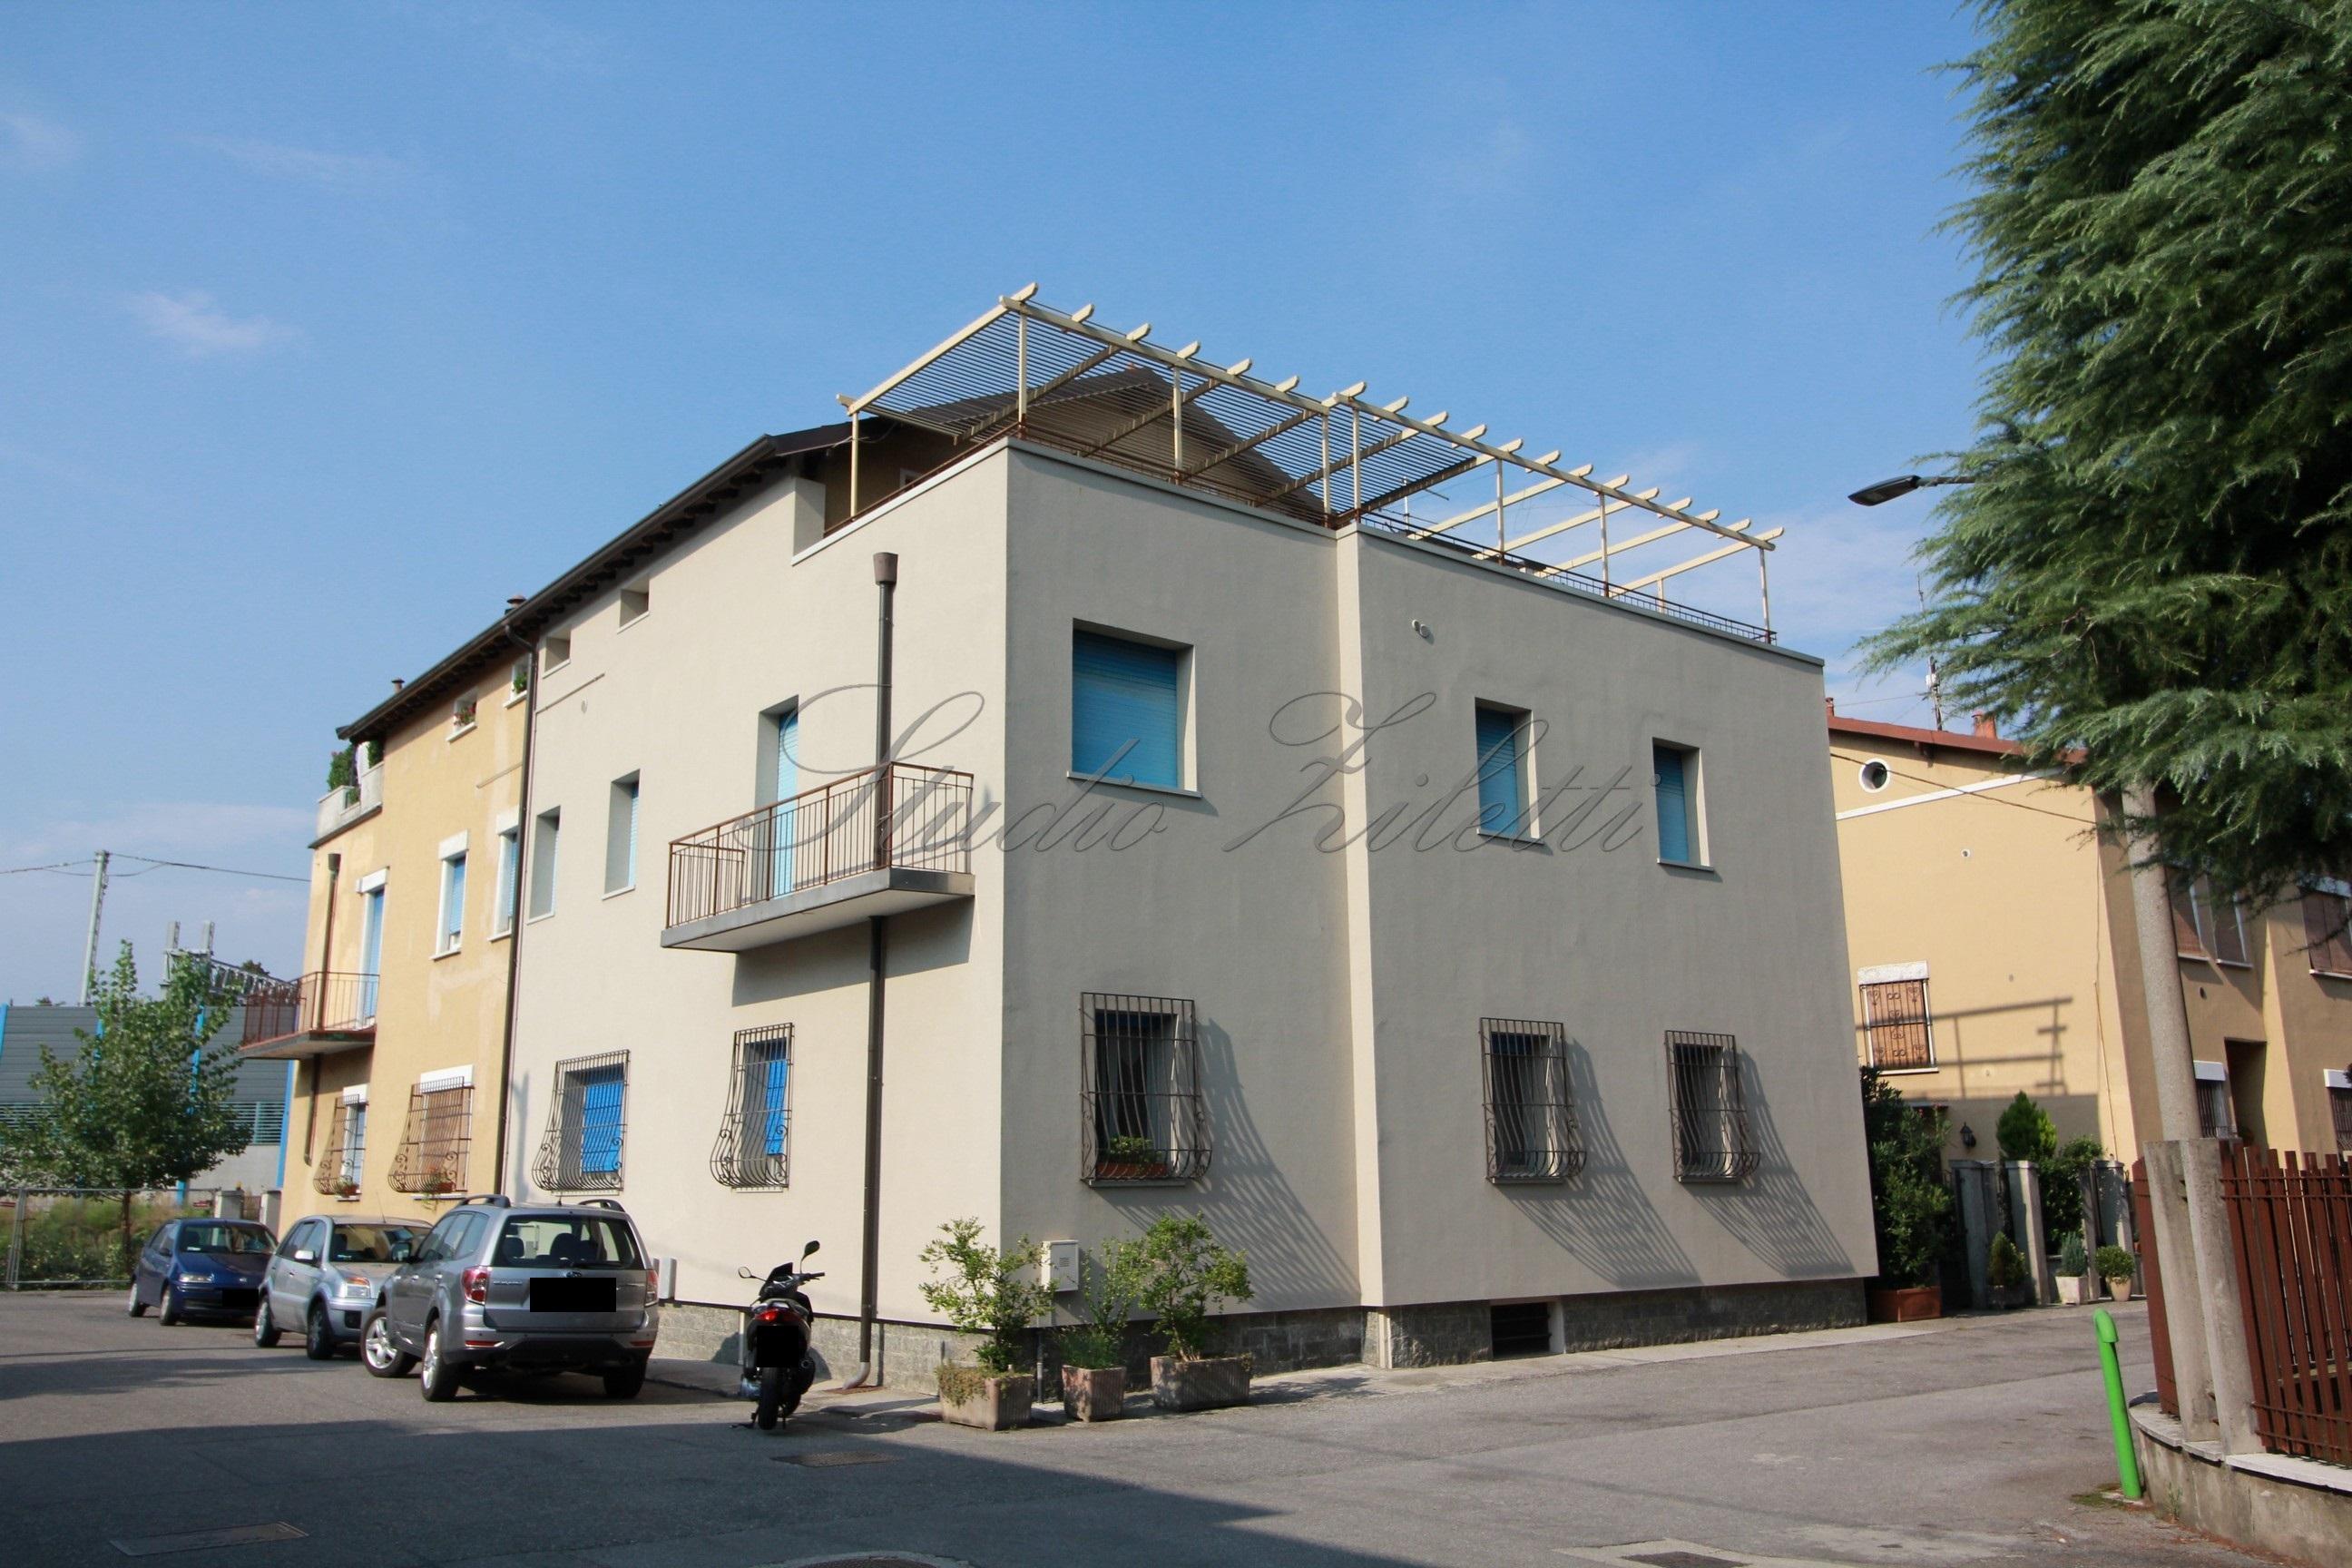 Casa indipendente da ristrutturare studio ziletti for Casa indipendente da ristrutturare